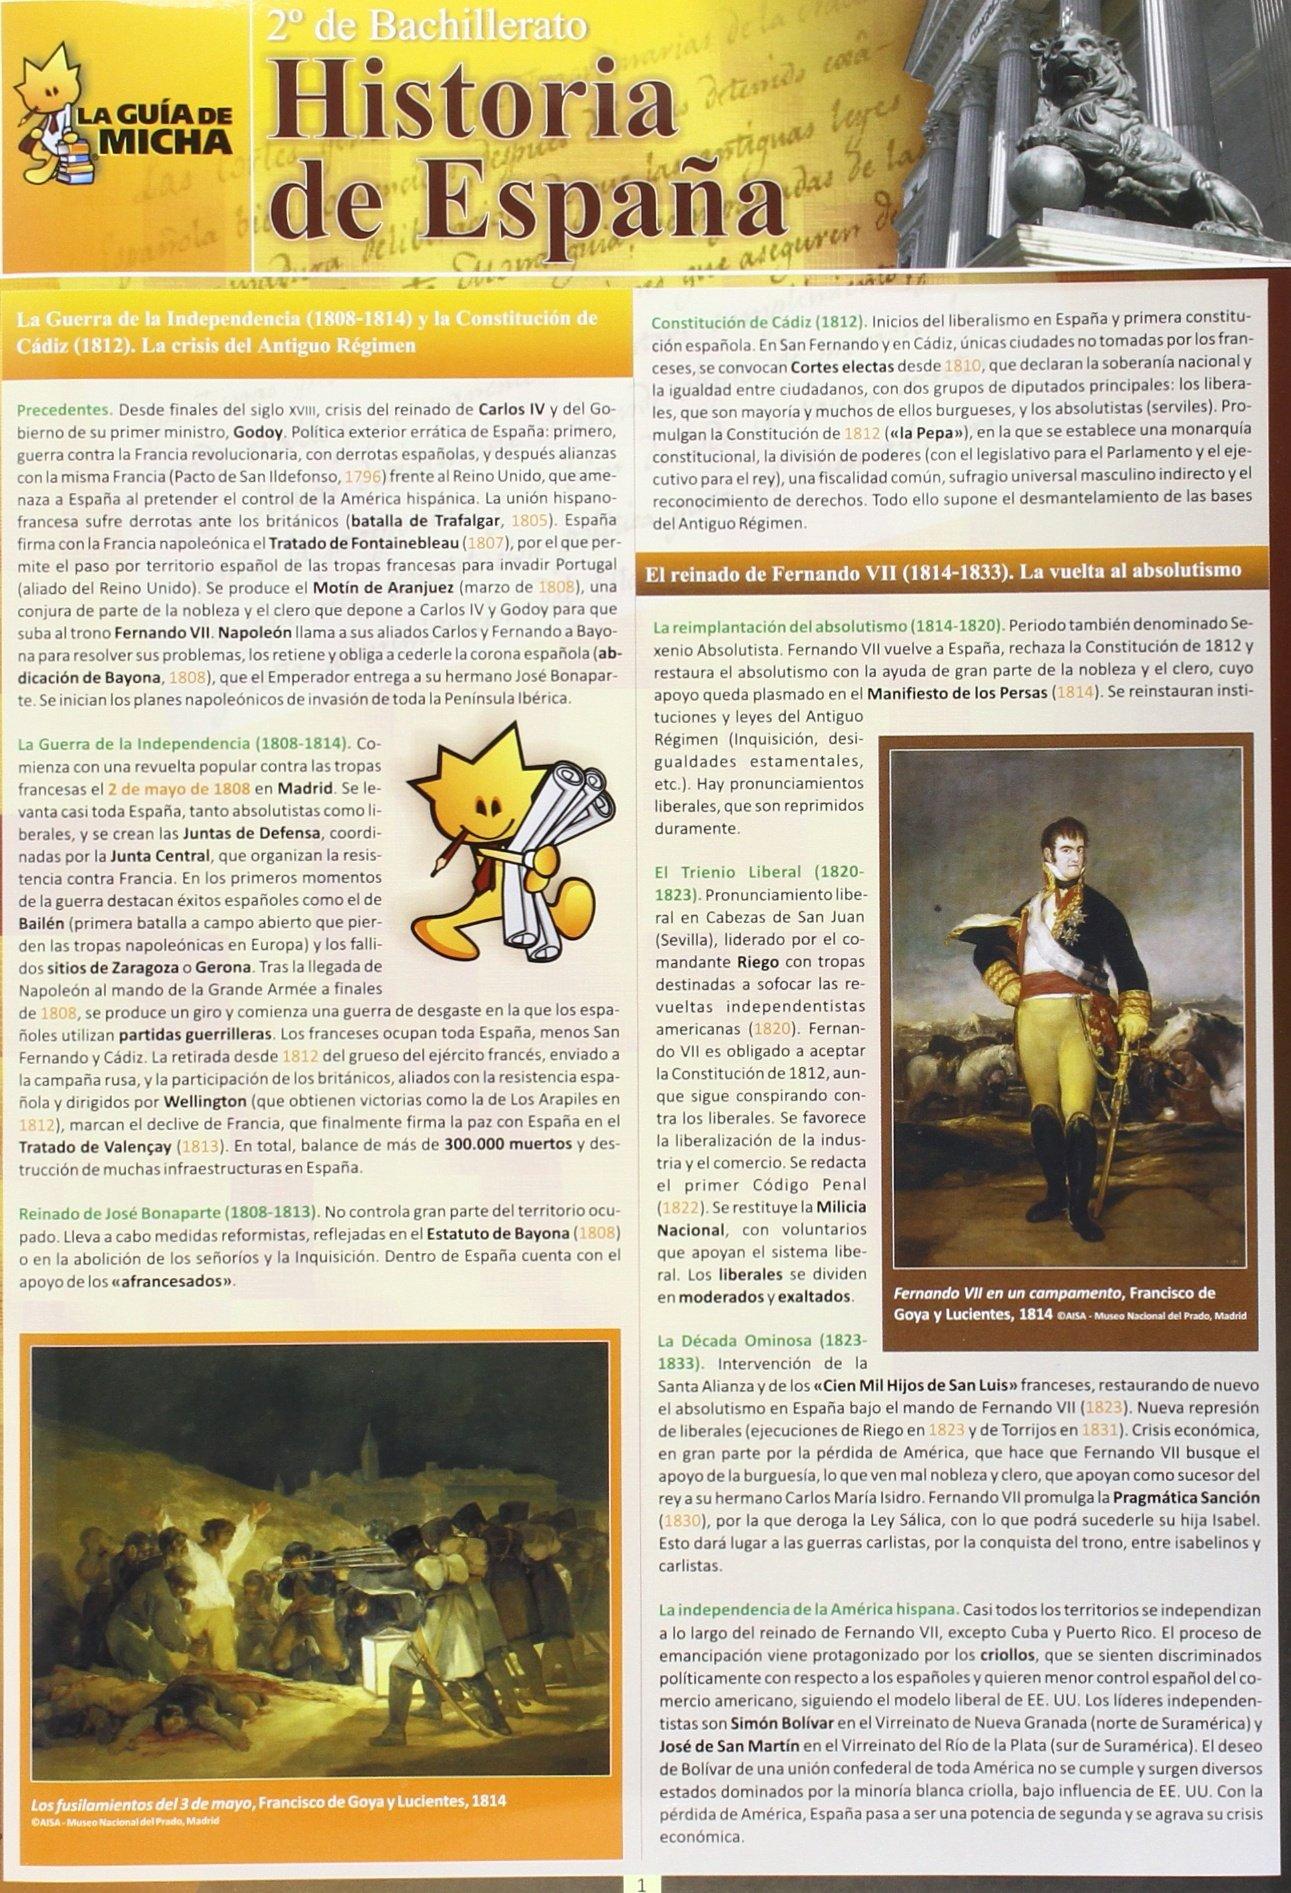 La Guía de Micha: Historia de España, 2º de Bachillerato Guia De Micha: Amazon.es: Carlos Manuel Vera Yagüe: Libros